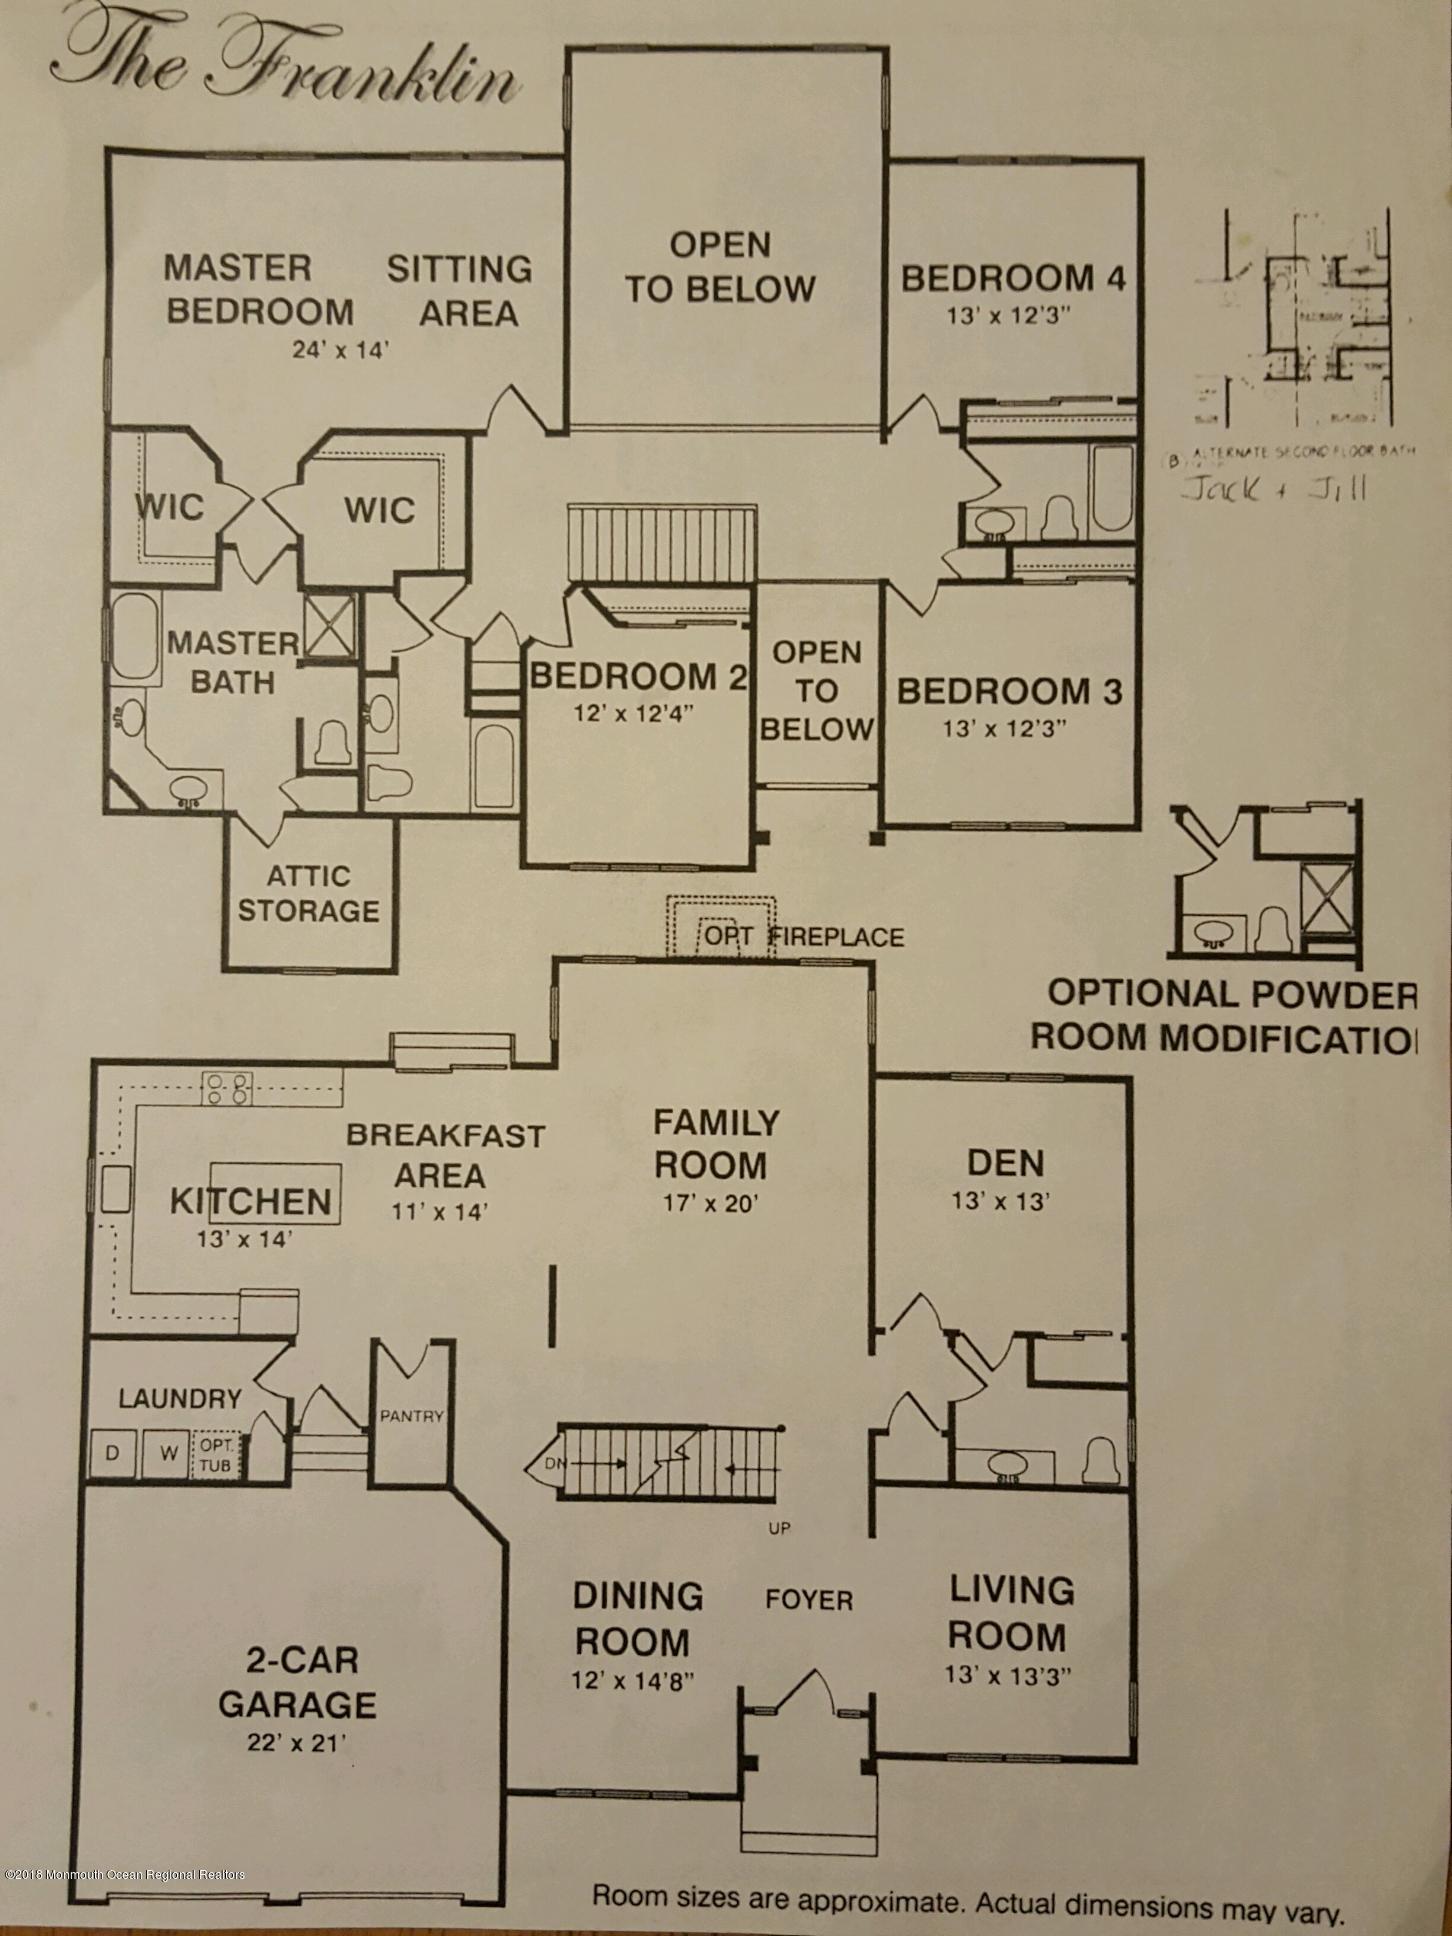 fraklin model layout